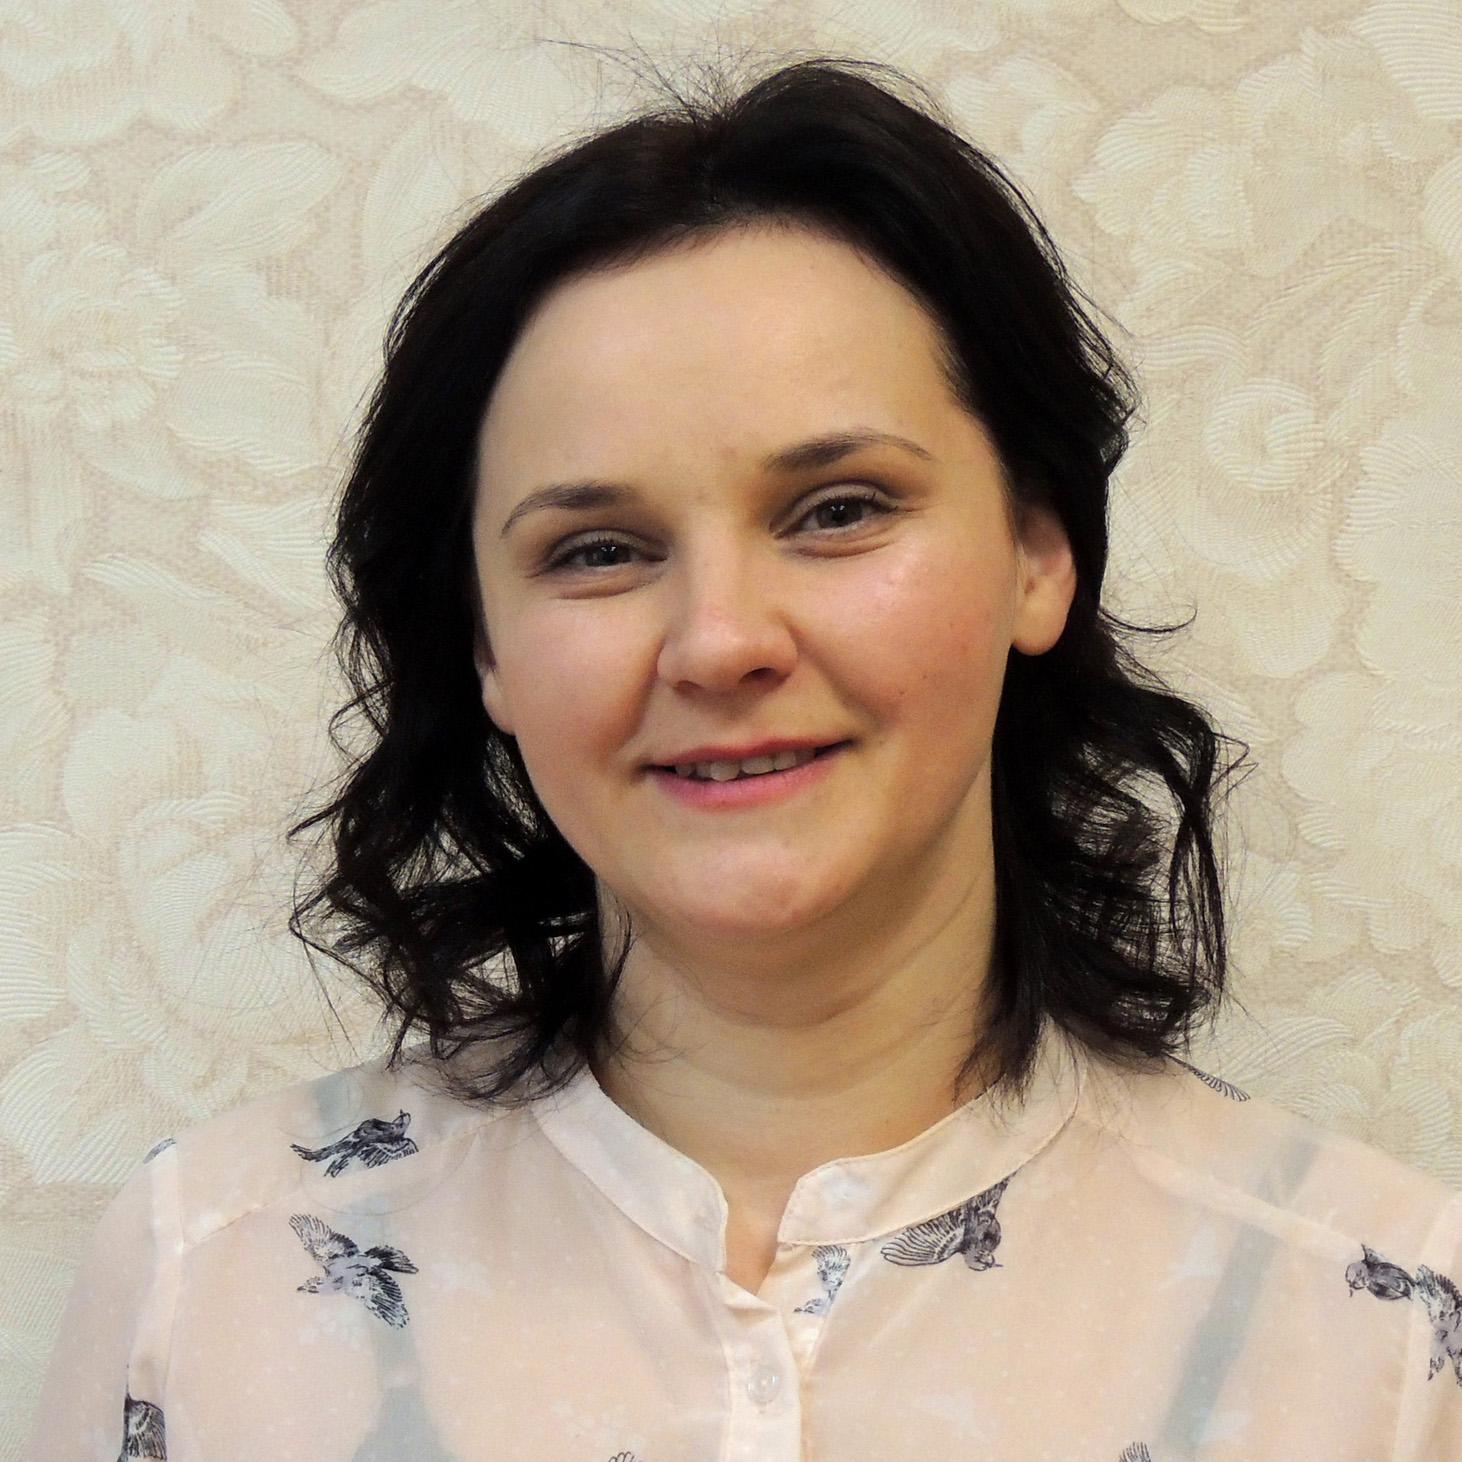 Метелева Юлия Александровна